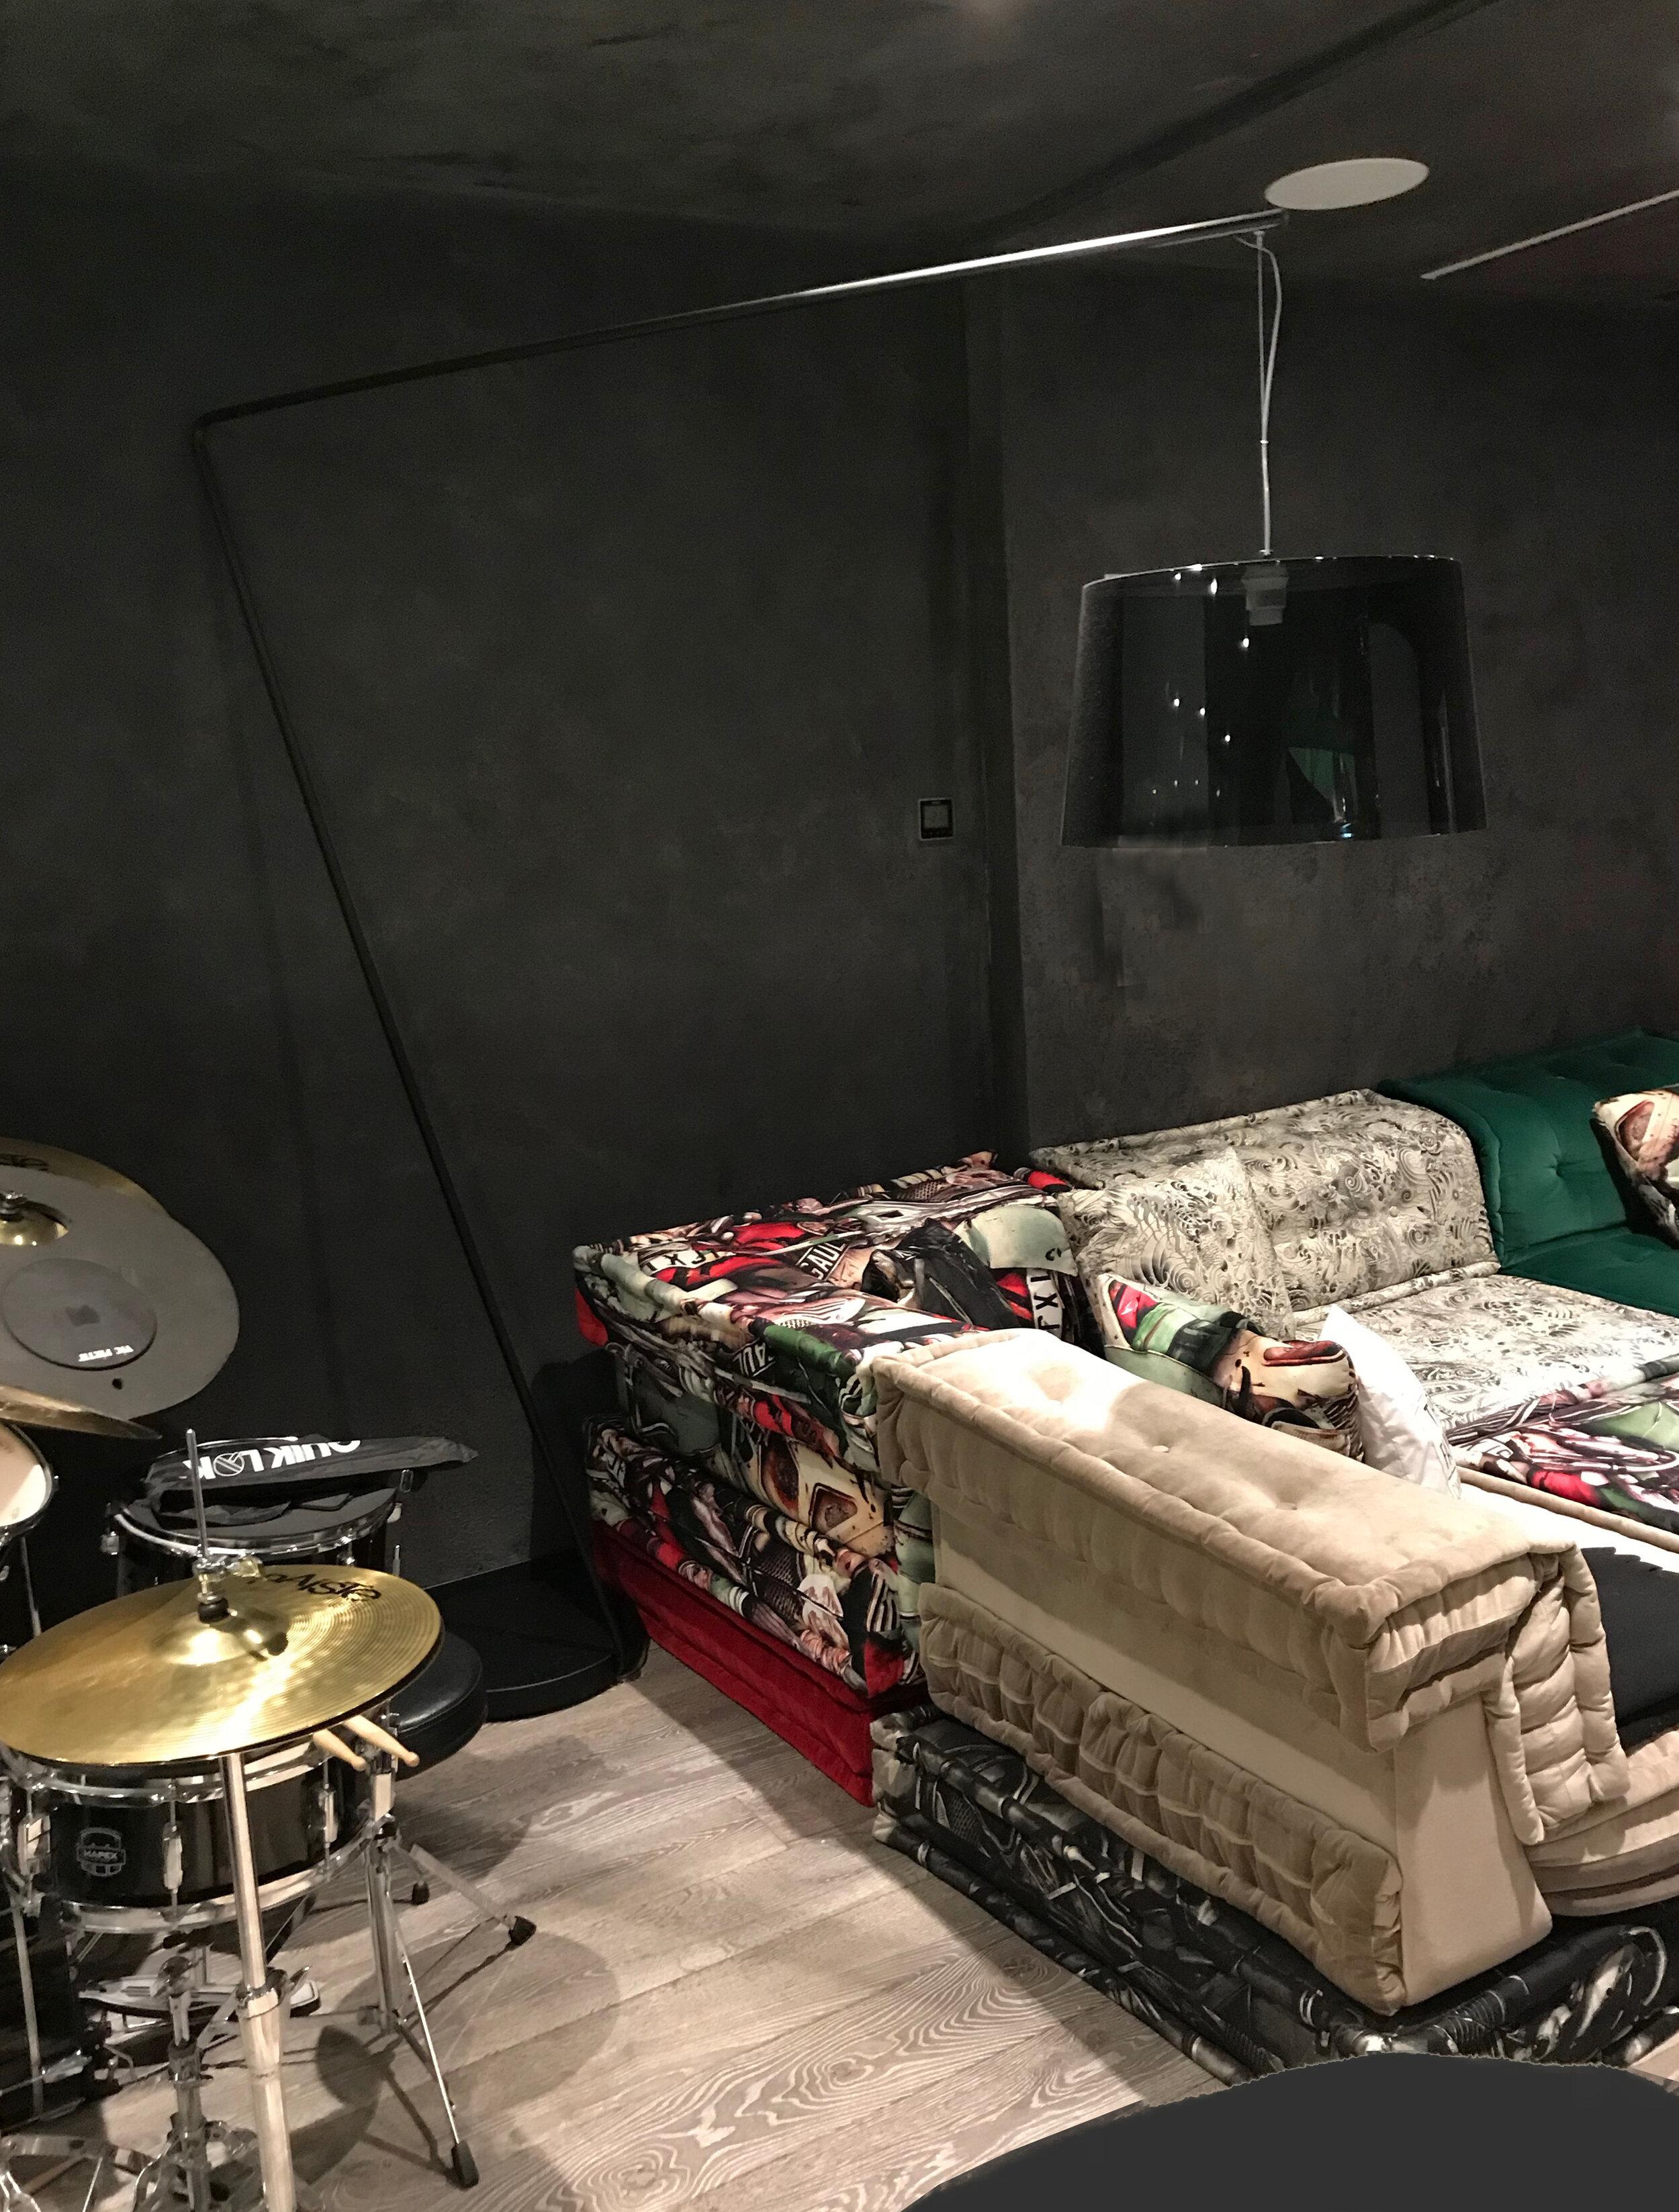 lottacoledesign-basement.jpg